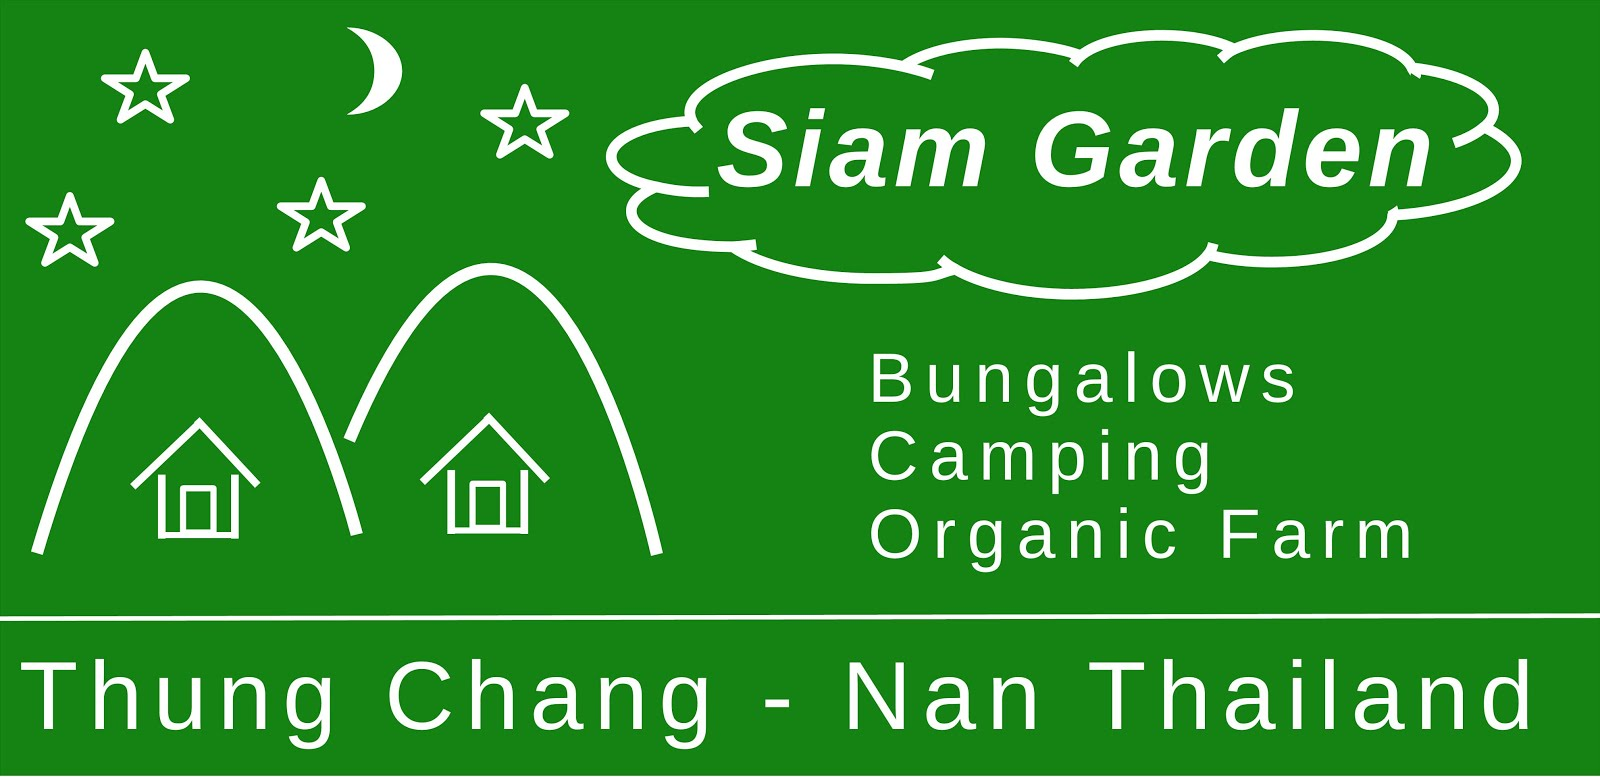 Nan Thailand - Siam Garden - Thung Chang